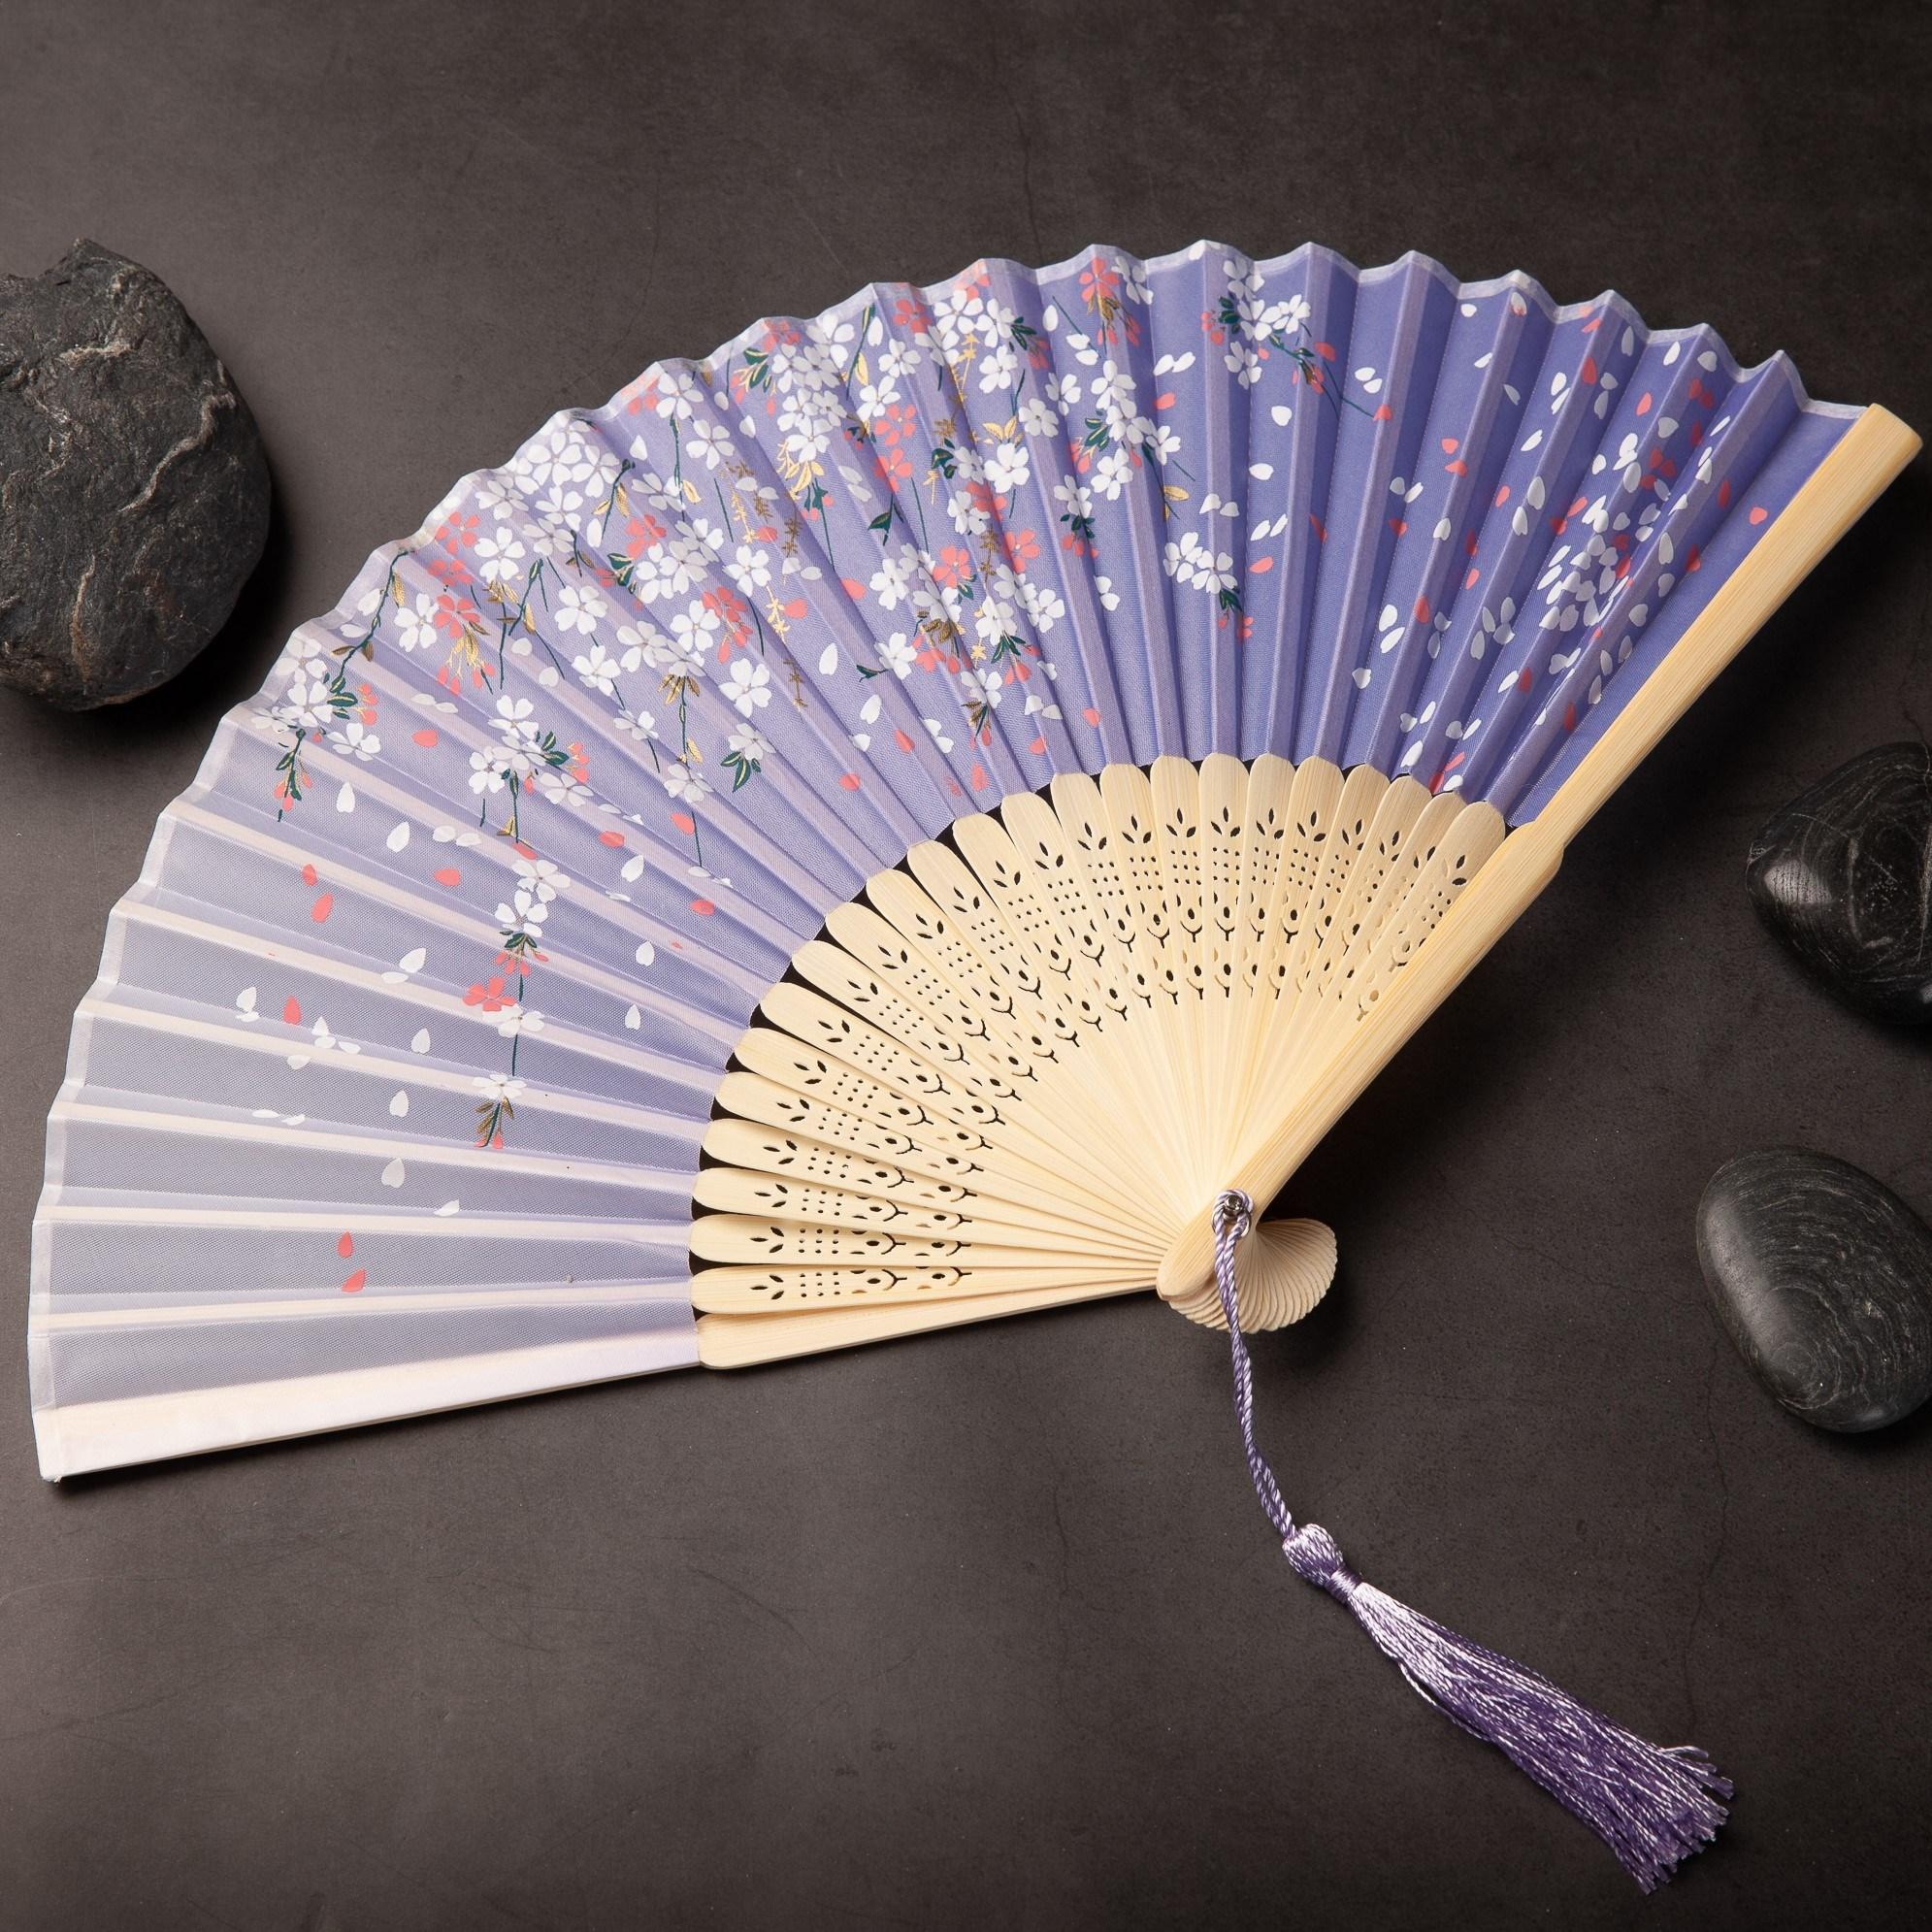 하마공방 전통공예 답례품 수공예 타공 실크 전통 여름 부채 (봄바람 휘날리며), 1개